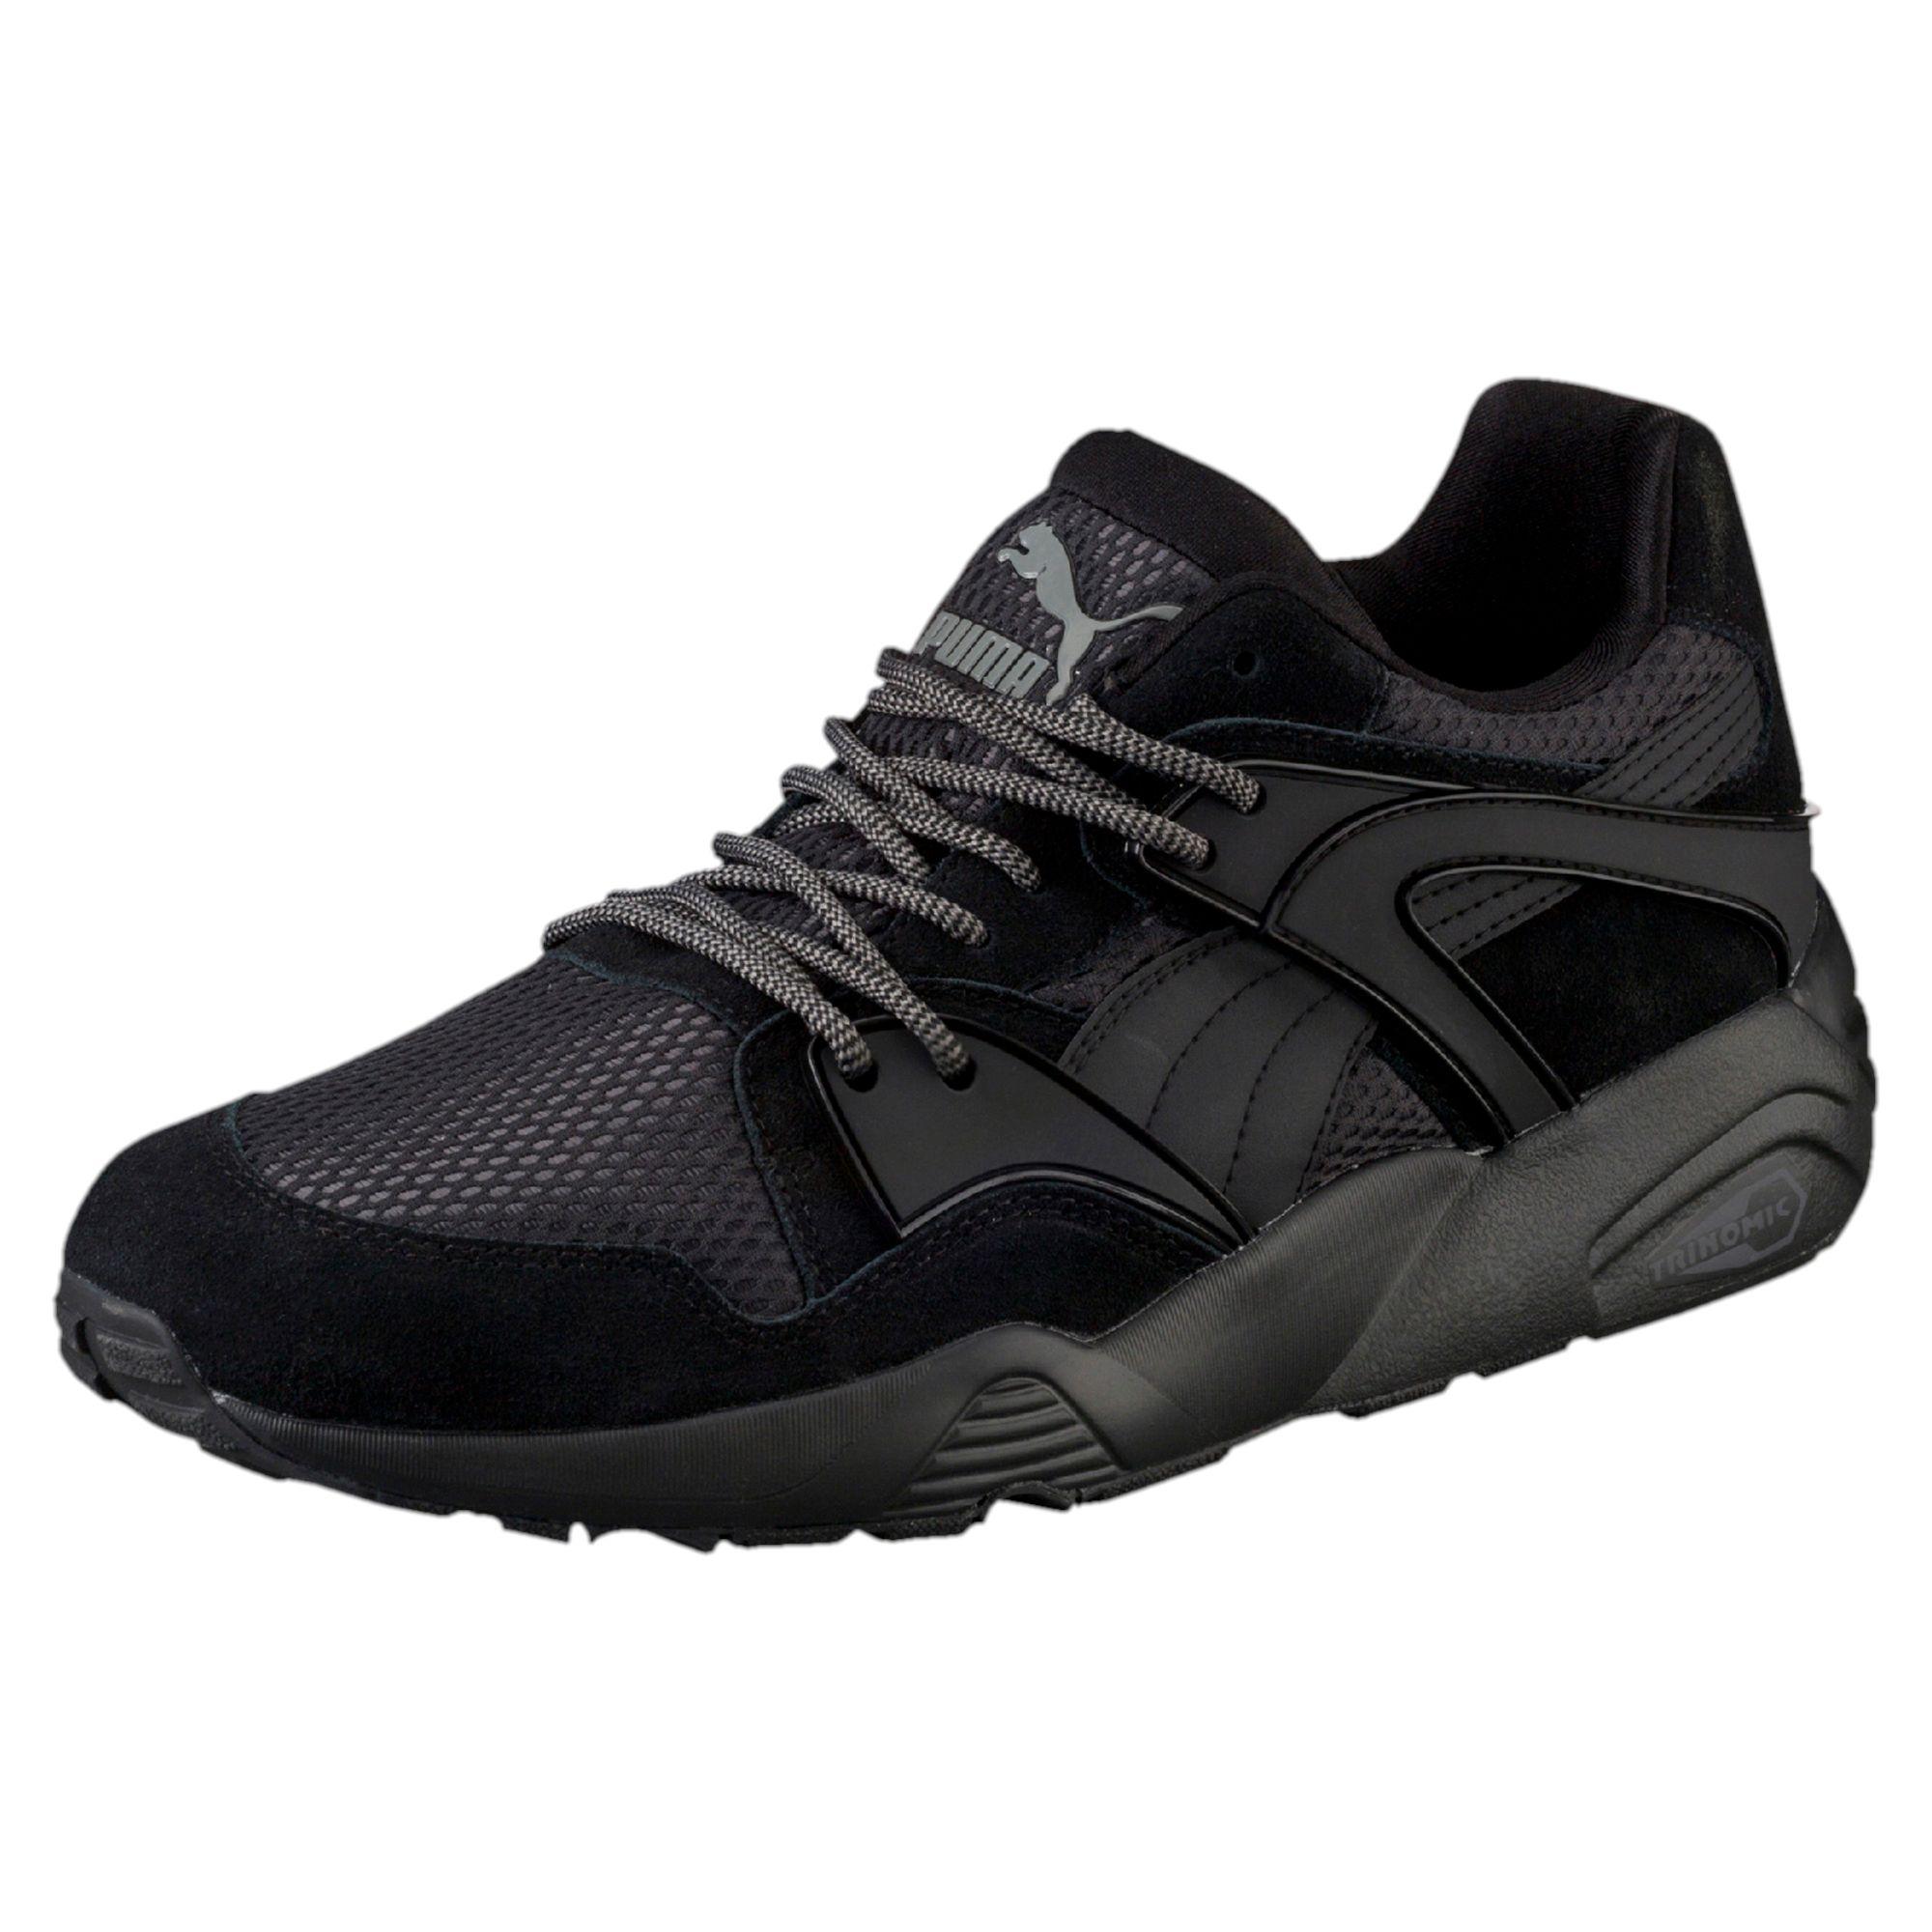 eb7431f3752 ... Nike Lebron Witness Witness Witness II EP 2 Black Beige Men Basketball  Shoes Sneakers AA3820- ...